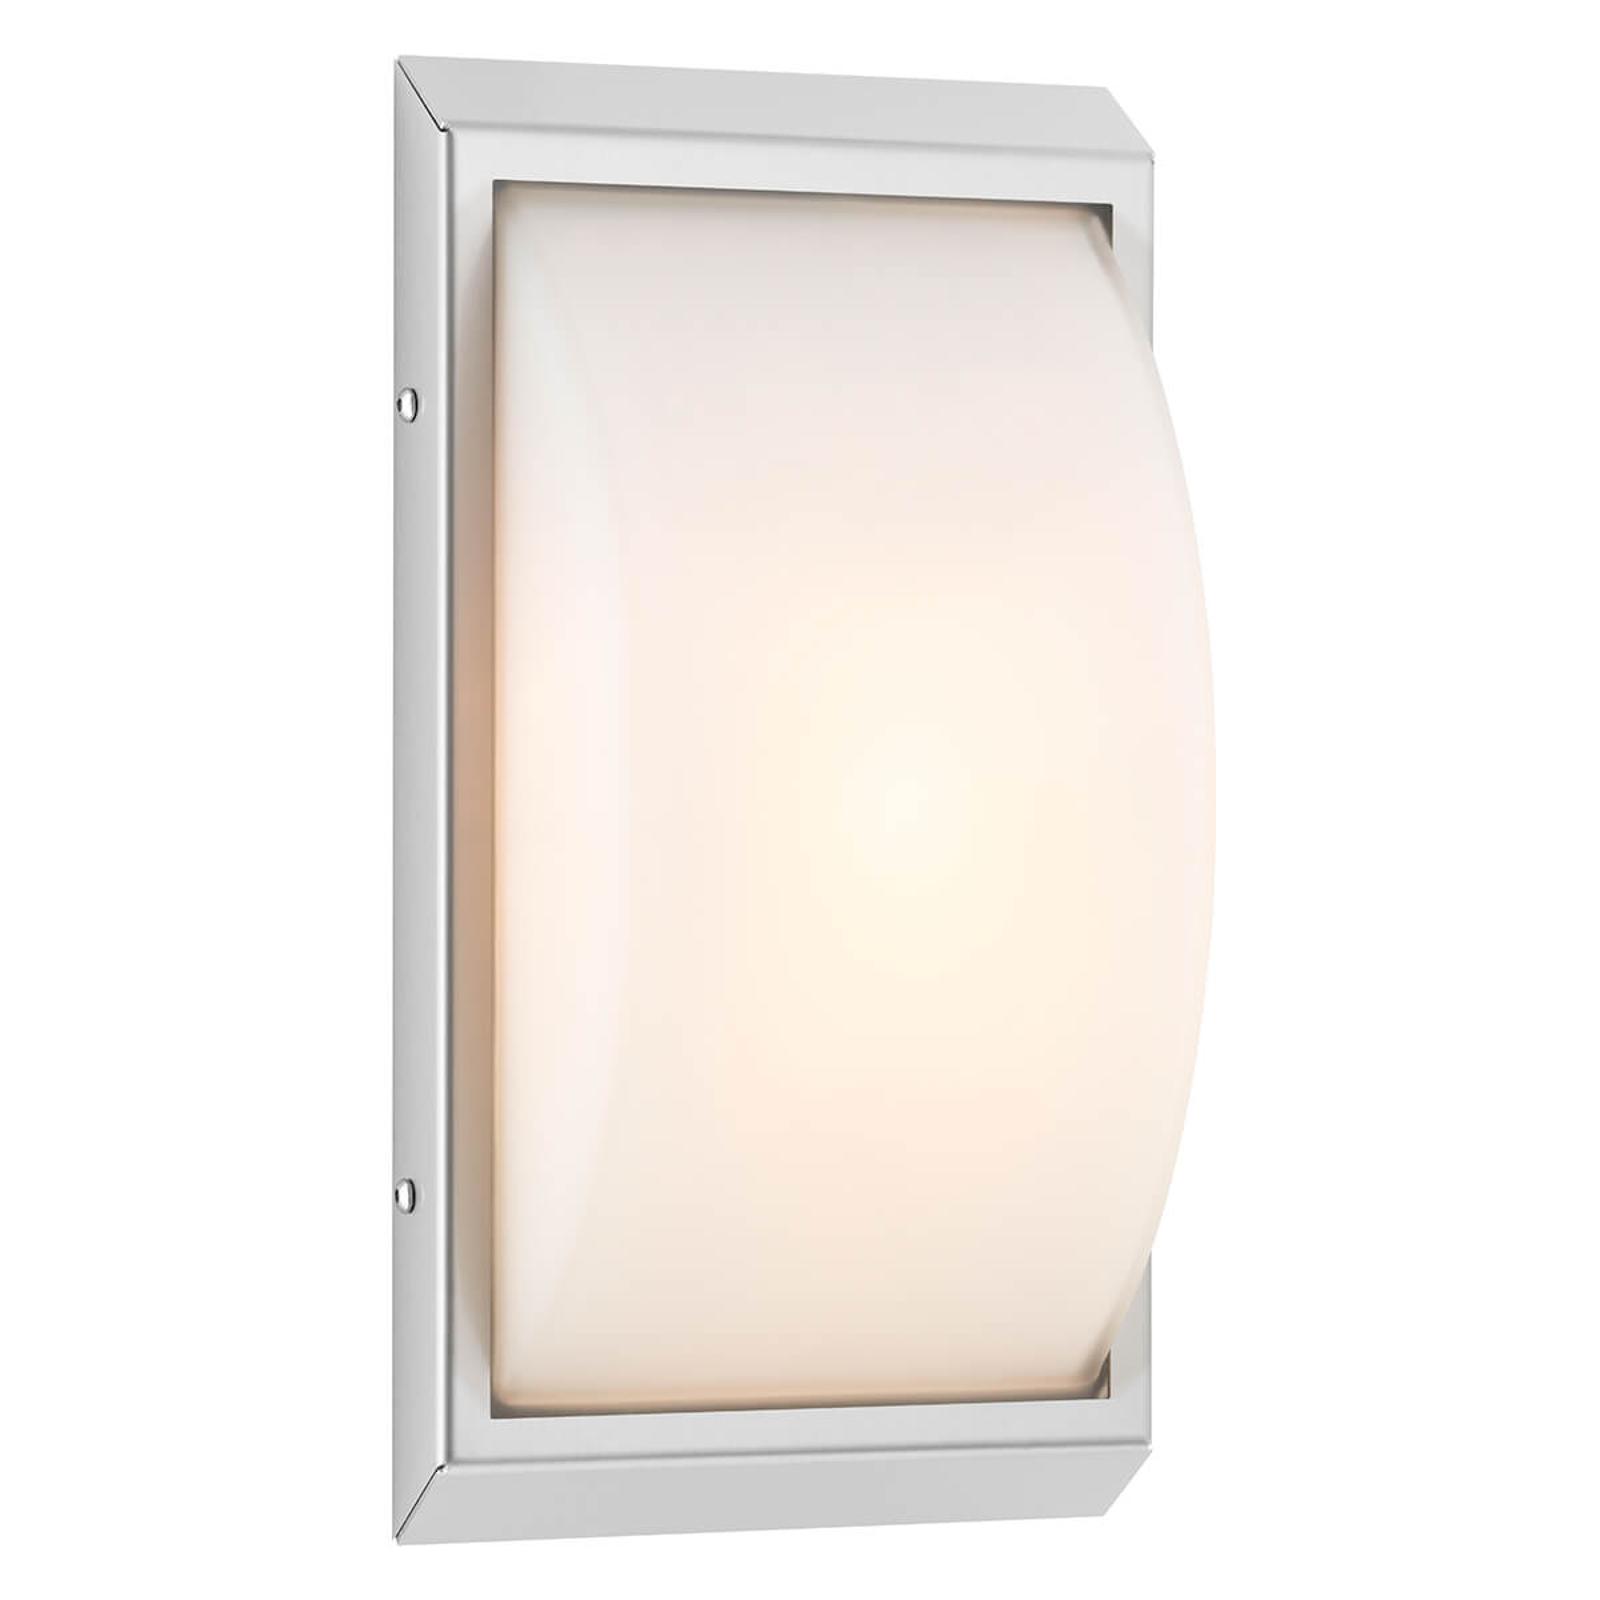 Hochwertige LED-Außenwandleuchte Malte m. Sensor